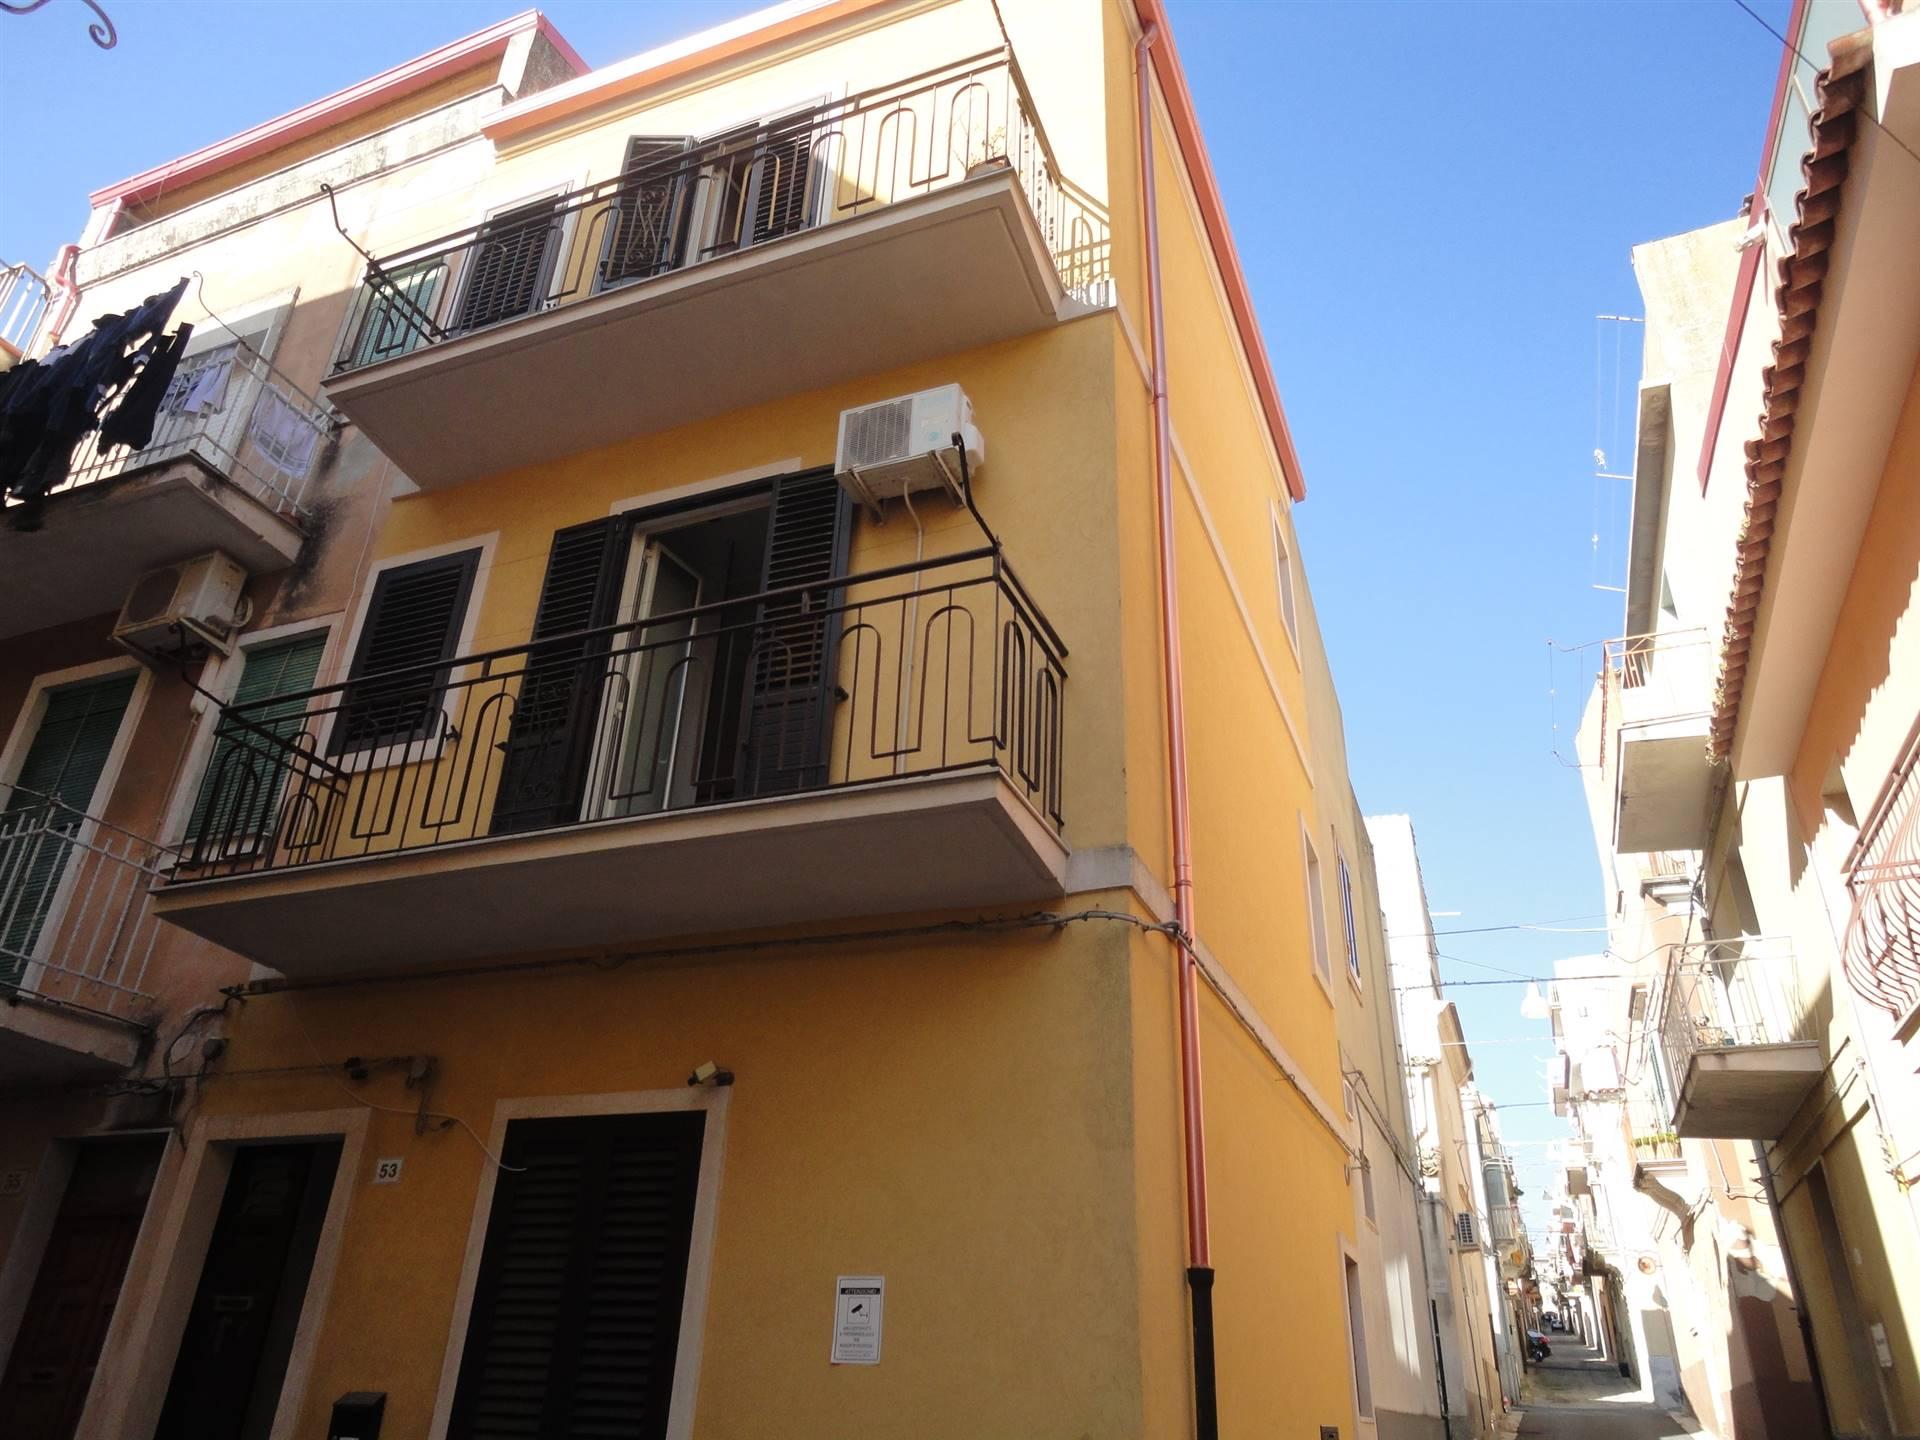 Appartamento in affitto a Ragusa, 1 locali, zona Zona: Centro, prezzo € 220 | CambioCasa.it